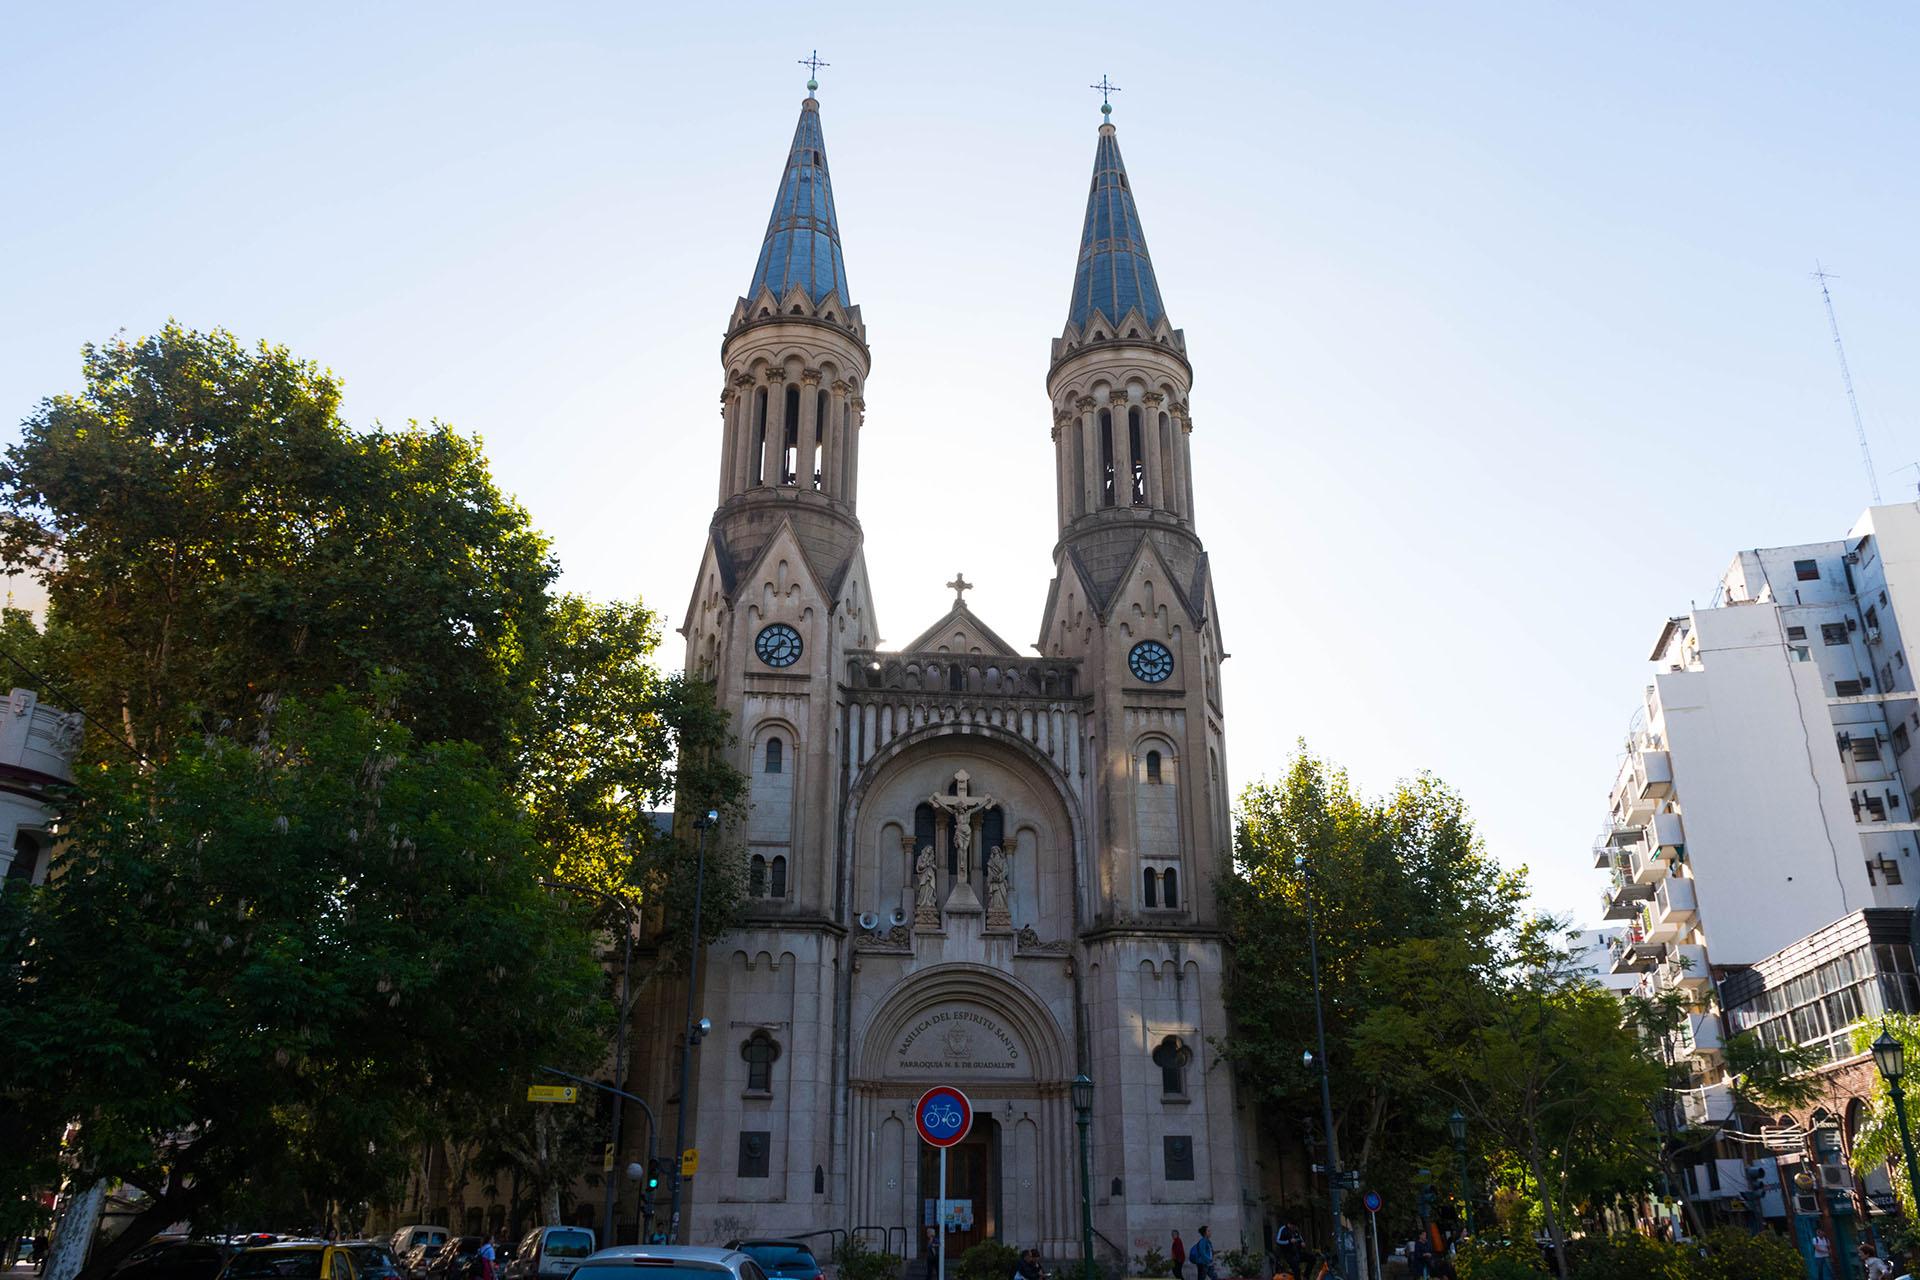 La iglesia Nuestra Señora de Guadalupe muestra otra faceta de Palermo